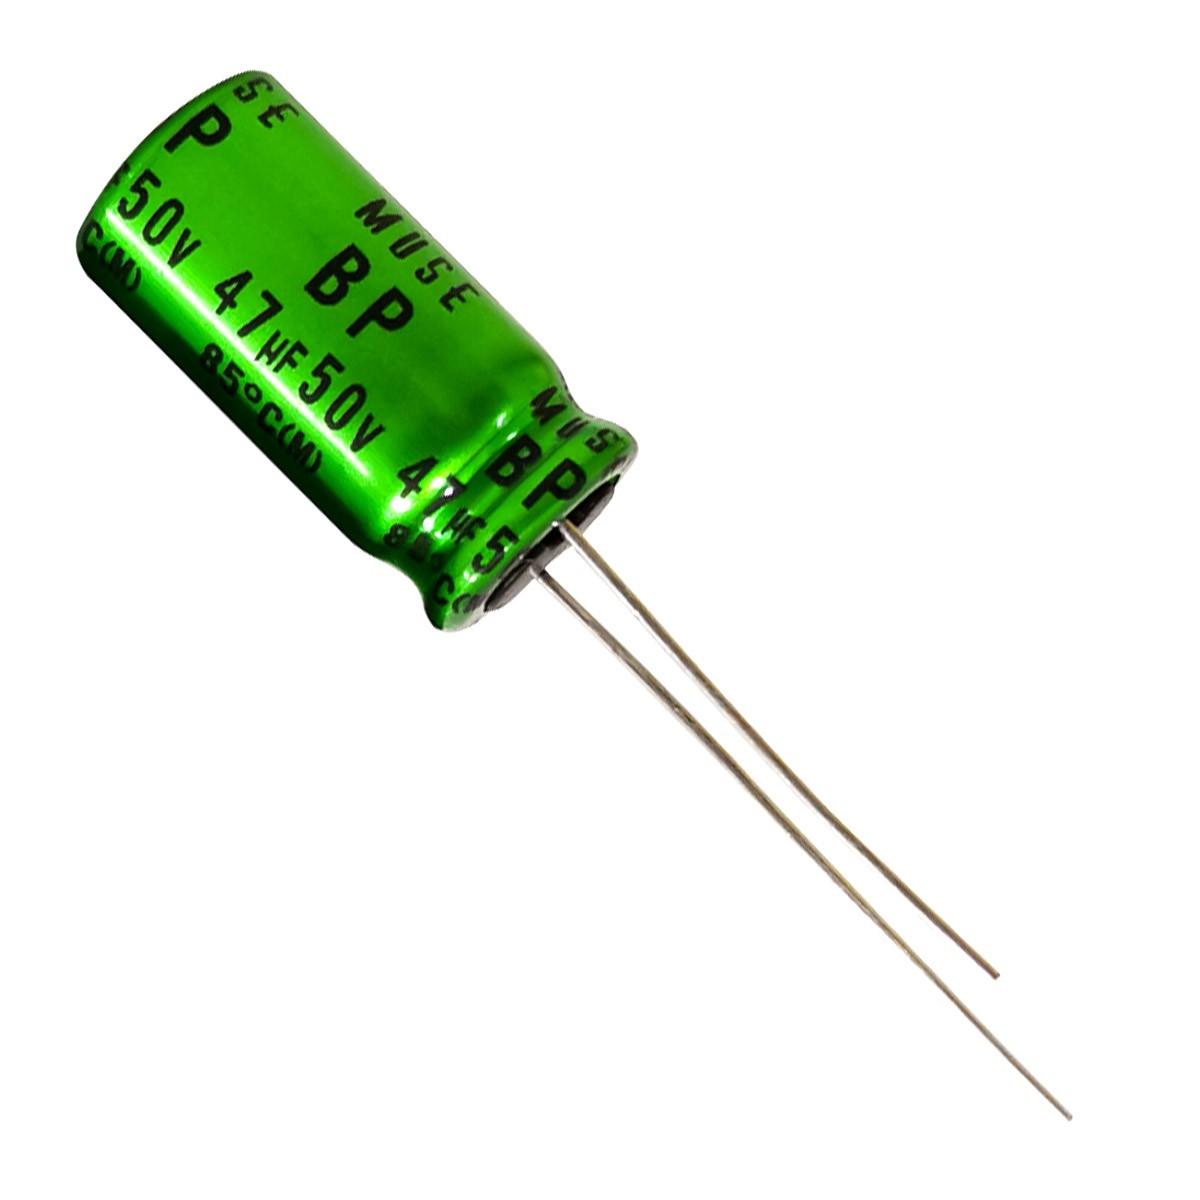 NICHICON ES MUSE HiFi Audio Capacitor 25V 1000μF